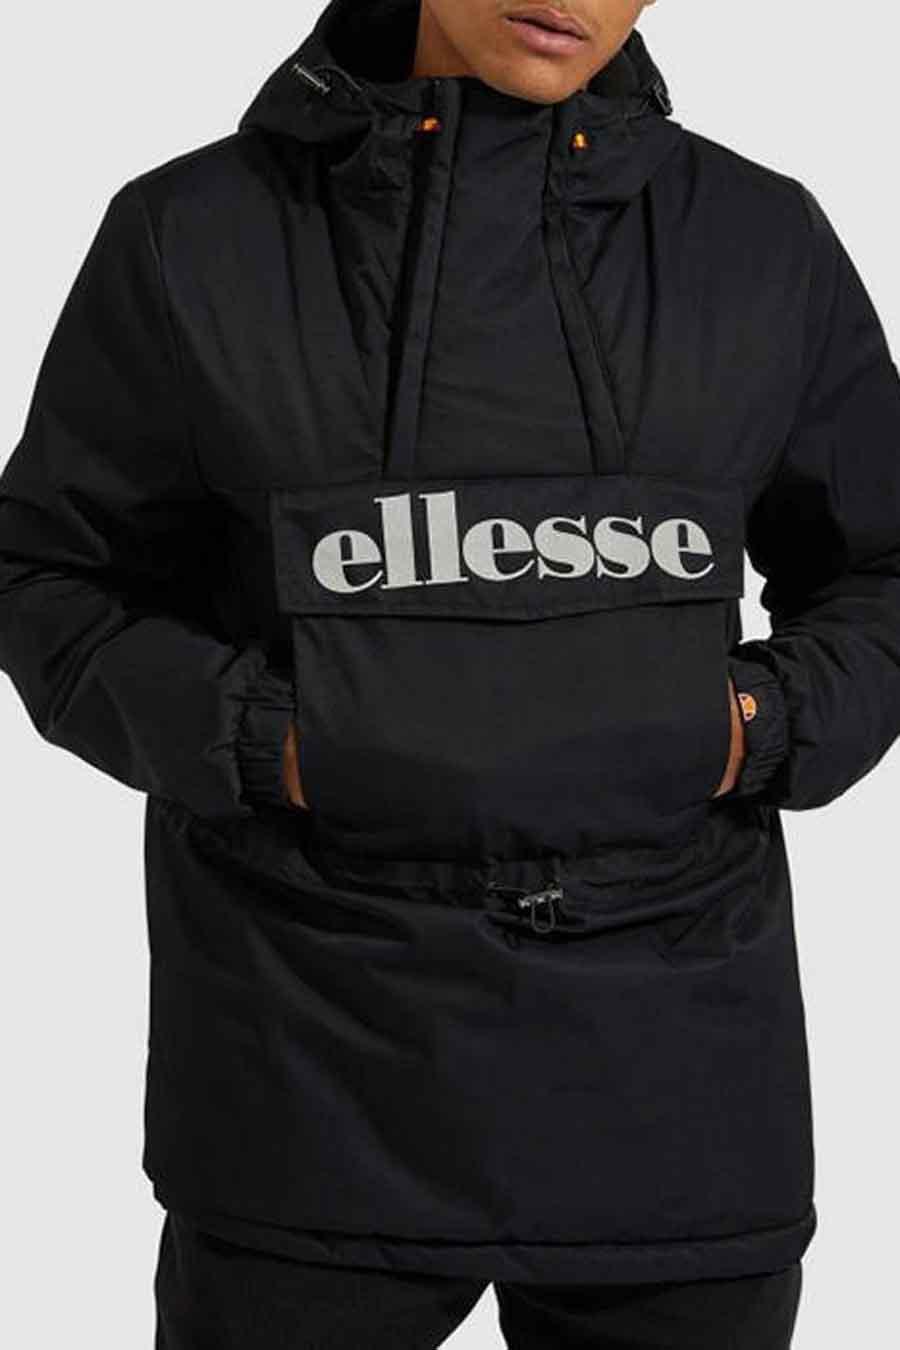 Ellesse® Jas kort, Zwart, Heren, Maat: S/XS